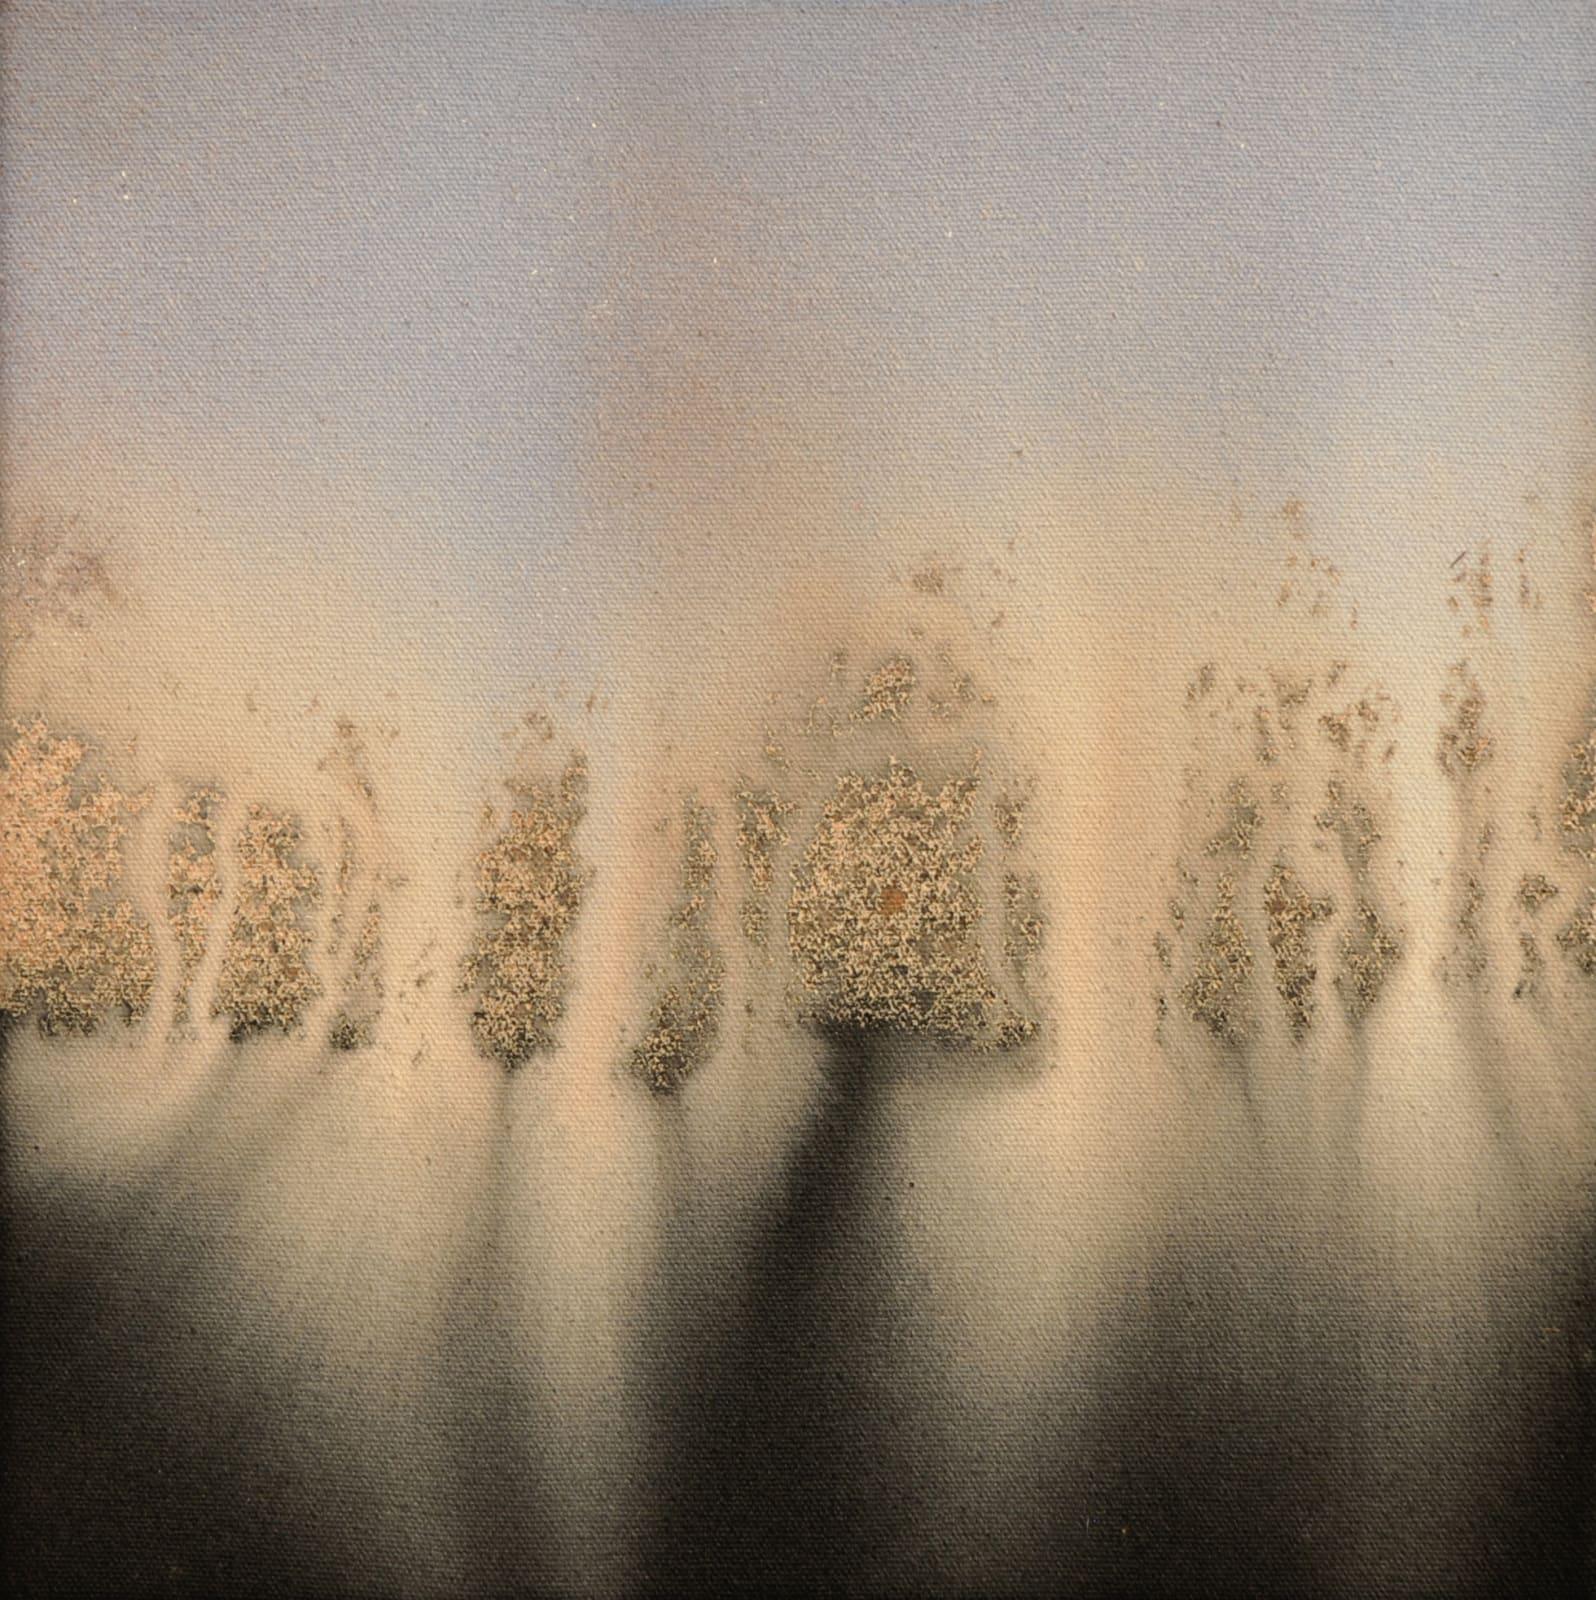 Ari Lankin, Stone, 2015